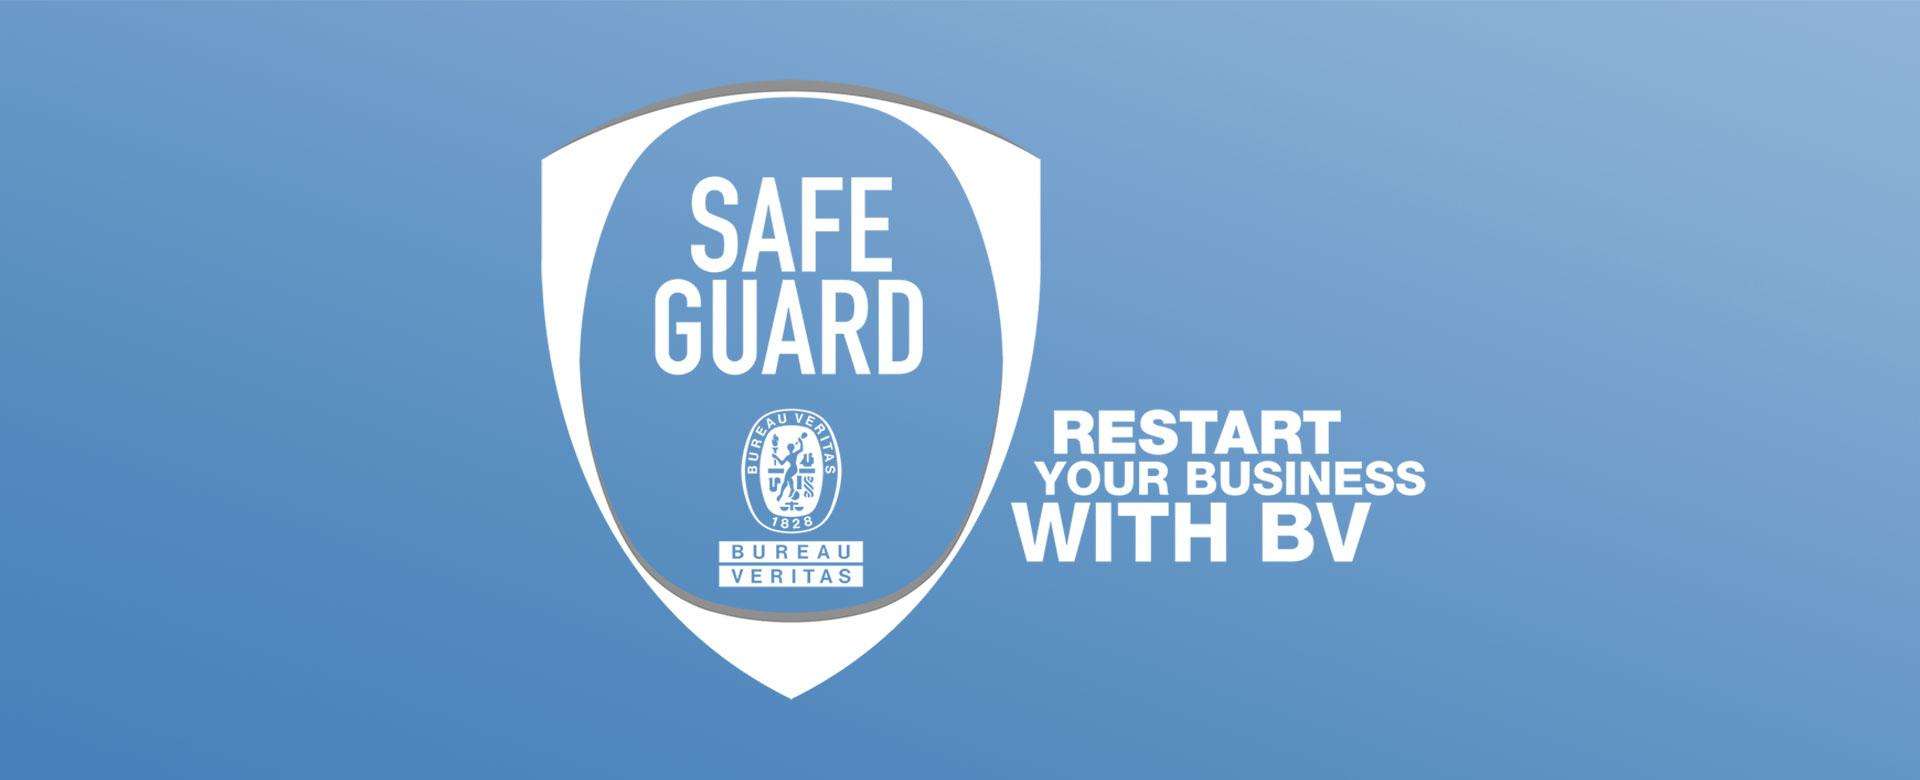 banner_safe